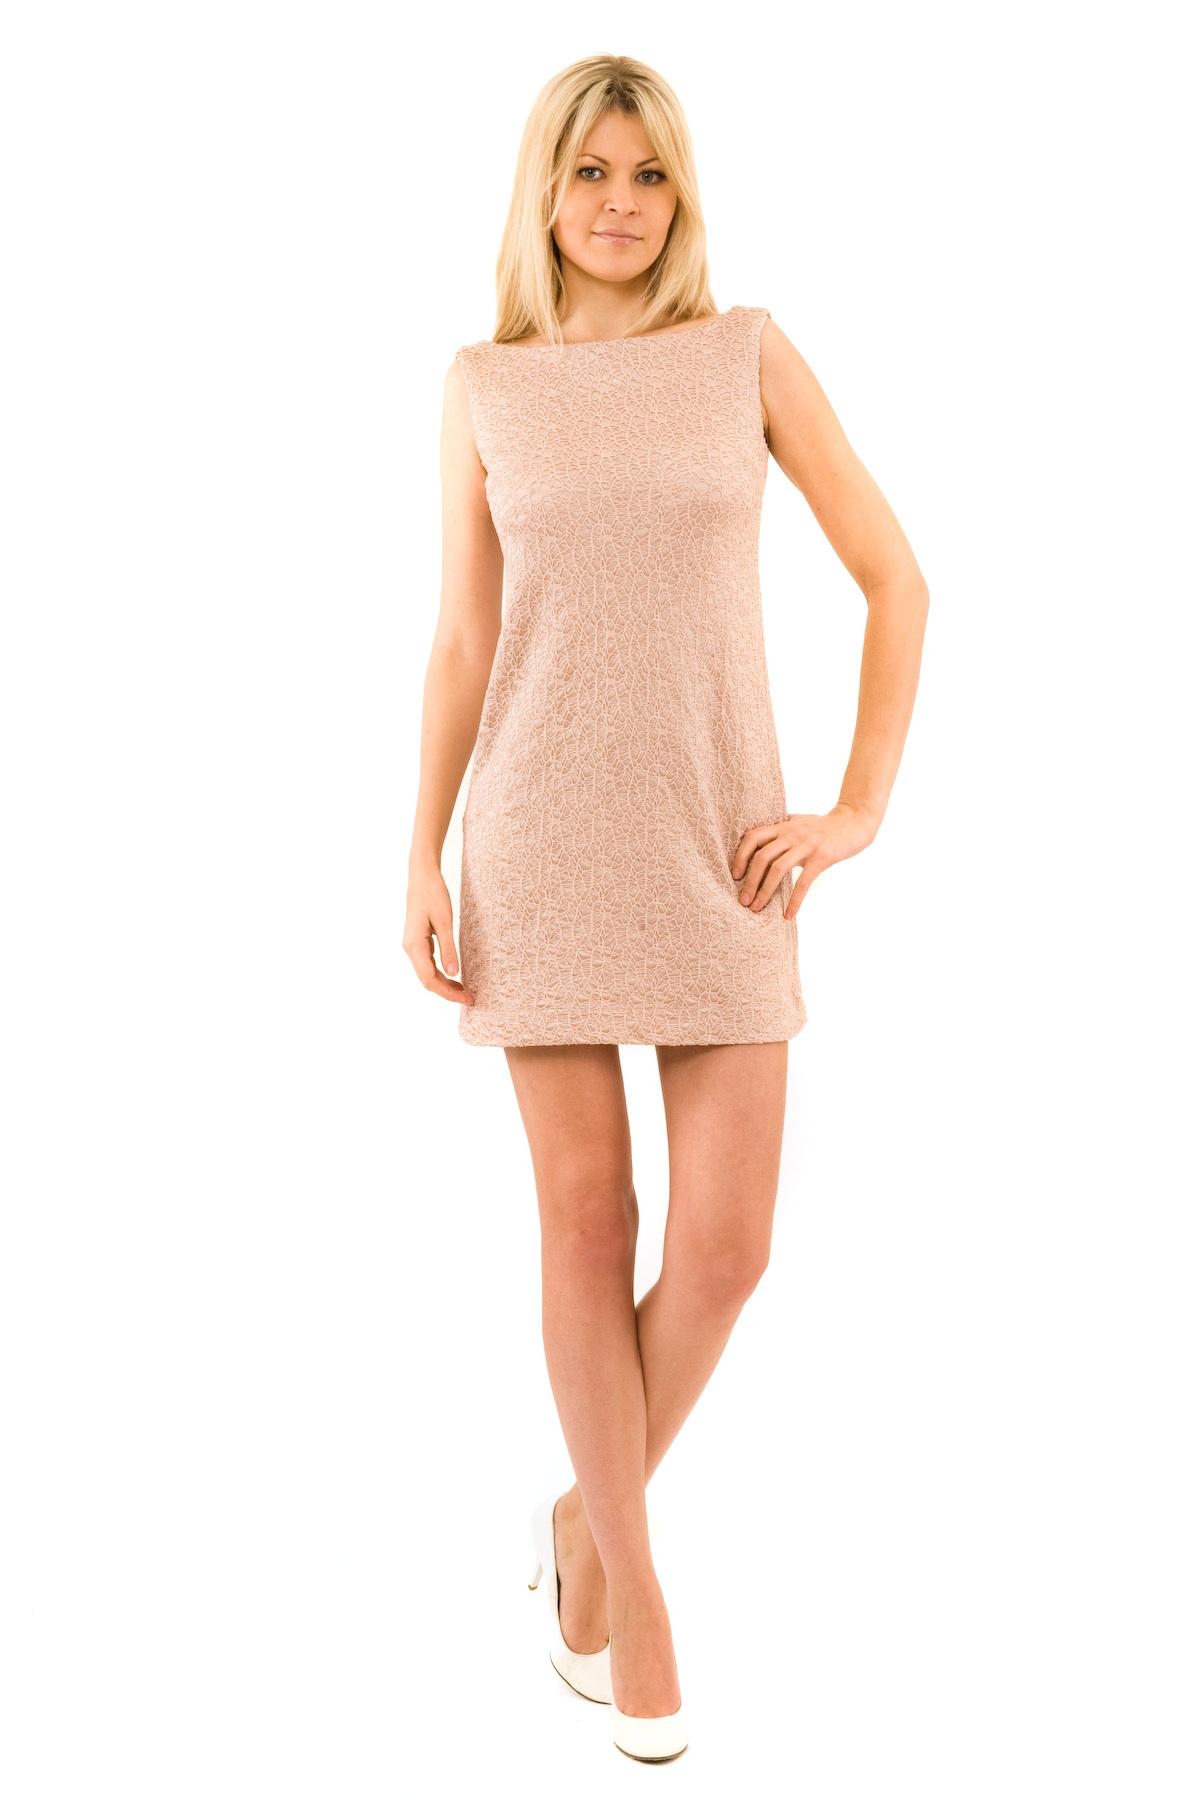 ПлатьеПлатья,  сарафаны<br>Отличное платье из французского трикотажа приталенного кроя. Модель удачно подчеркнет красоту Вашей фигуры, а яркий красивый цвет платья не оставит Вас незамеченной. Изделие прекрасно подойдет как для праздничного вечера, так и для деловой встречи, в случ<br><br>Цвет: бежевый<br>Состав: 100 % полиэстер<br>Размер: 48,50,52<br>Страна дизайна: Россия<br>Страна производства: Россия